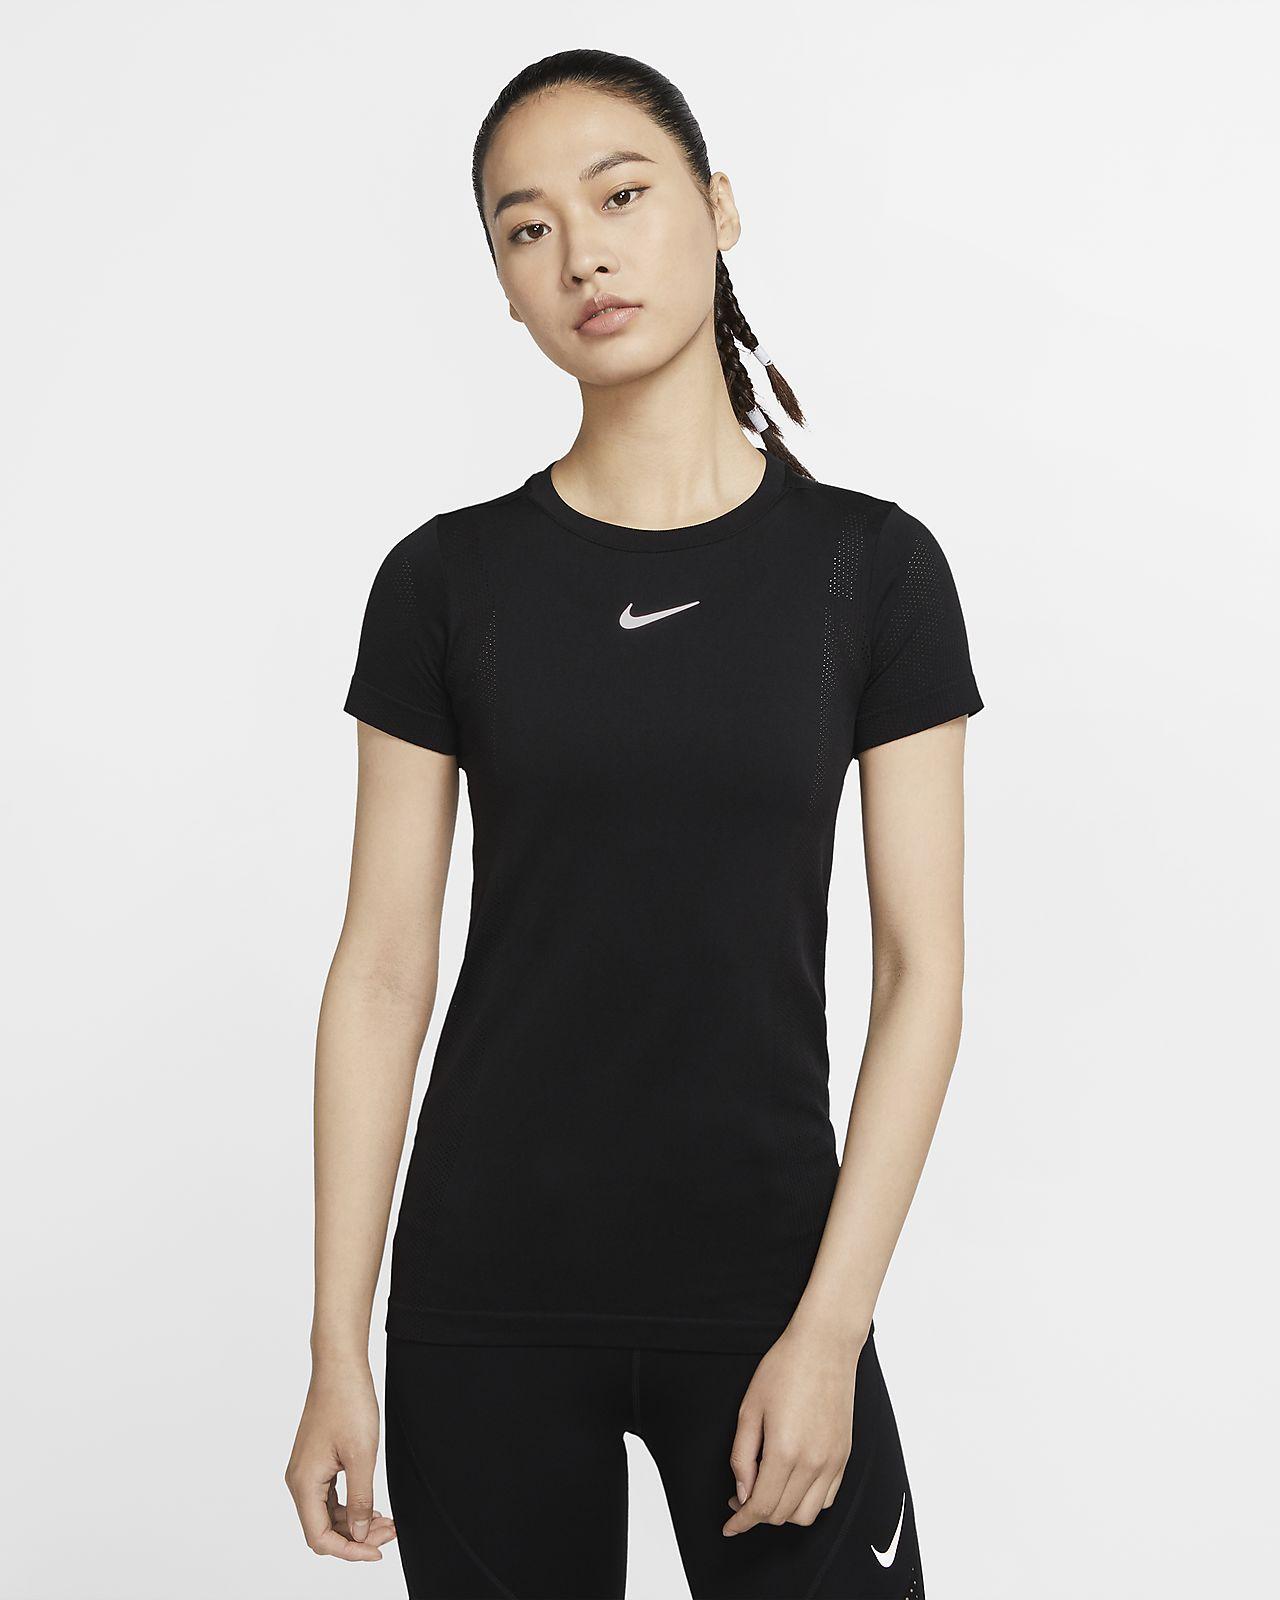 Nike Infinite Hardlooptop voor dames